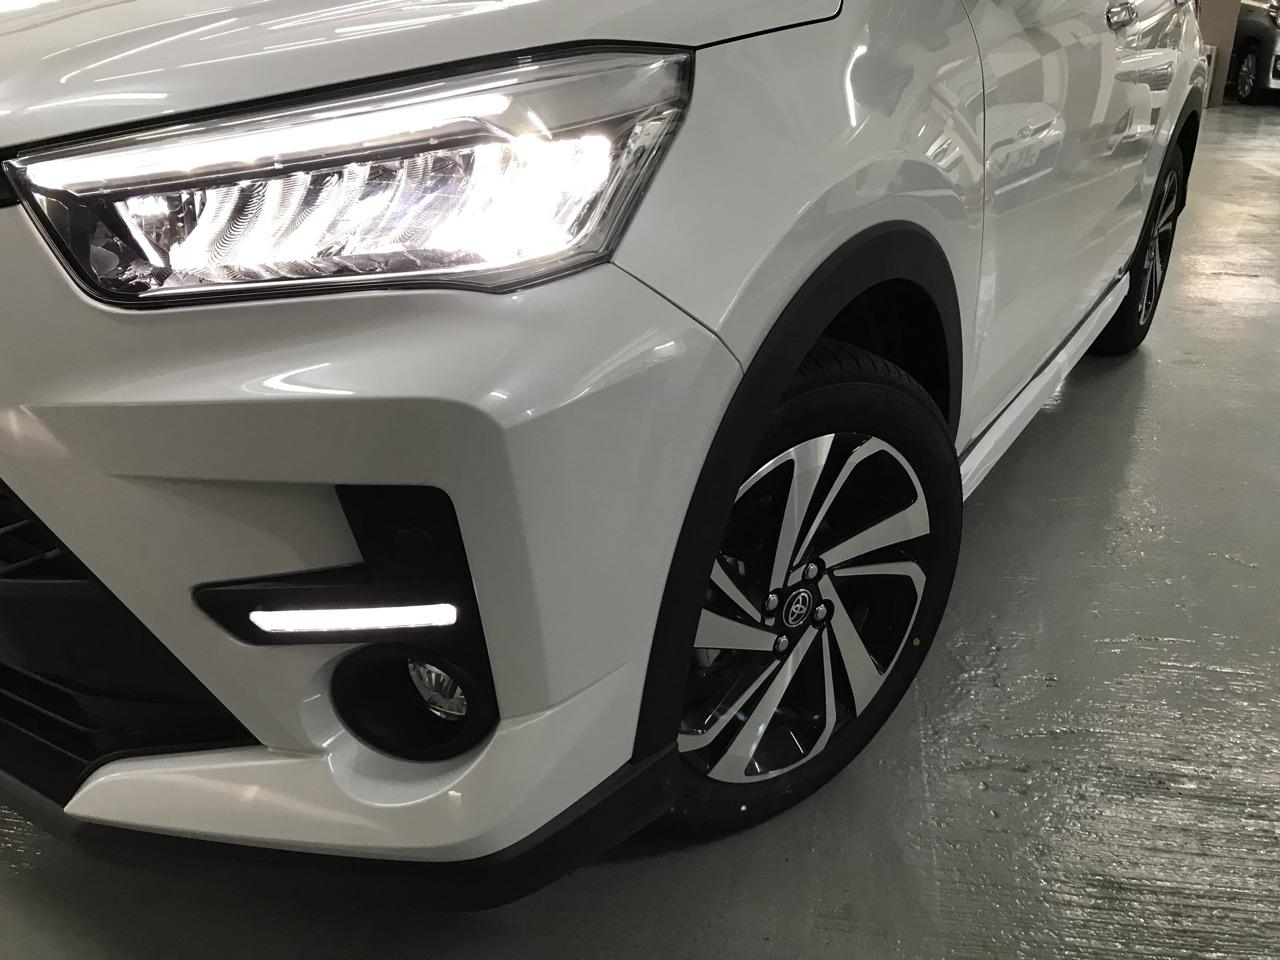 豐田 Toyota RAIZE Z - Price.com.hk 汽車買賣平臺